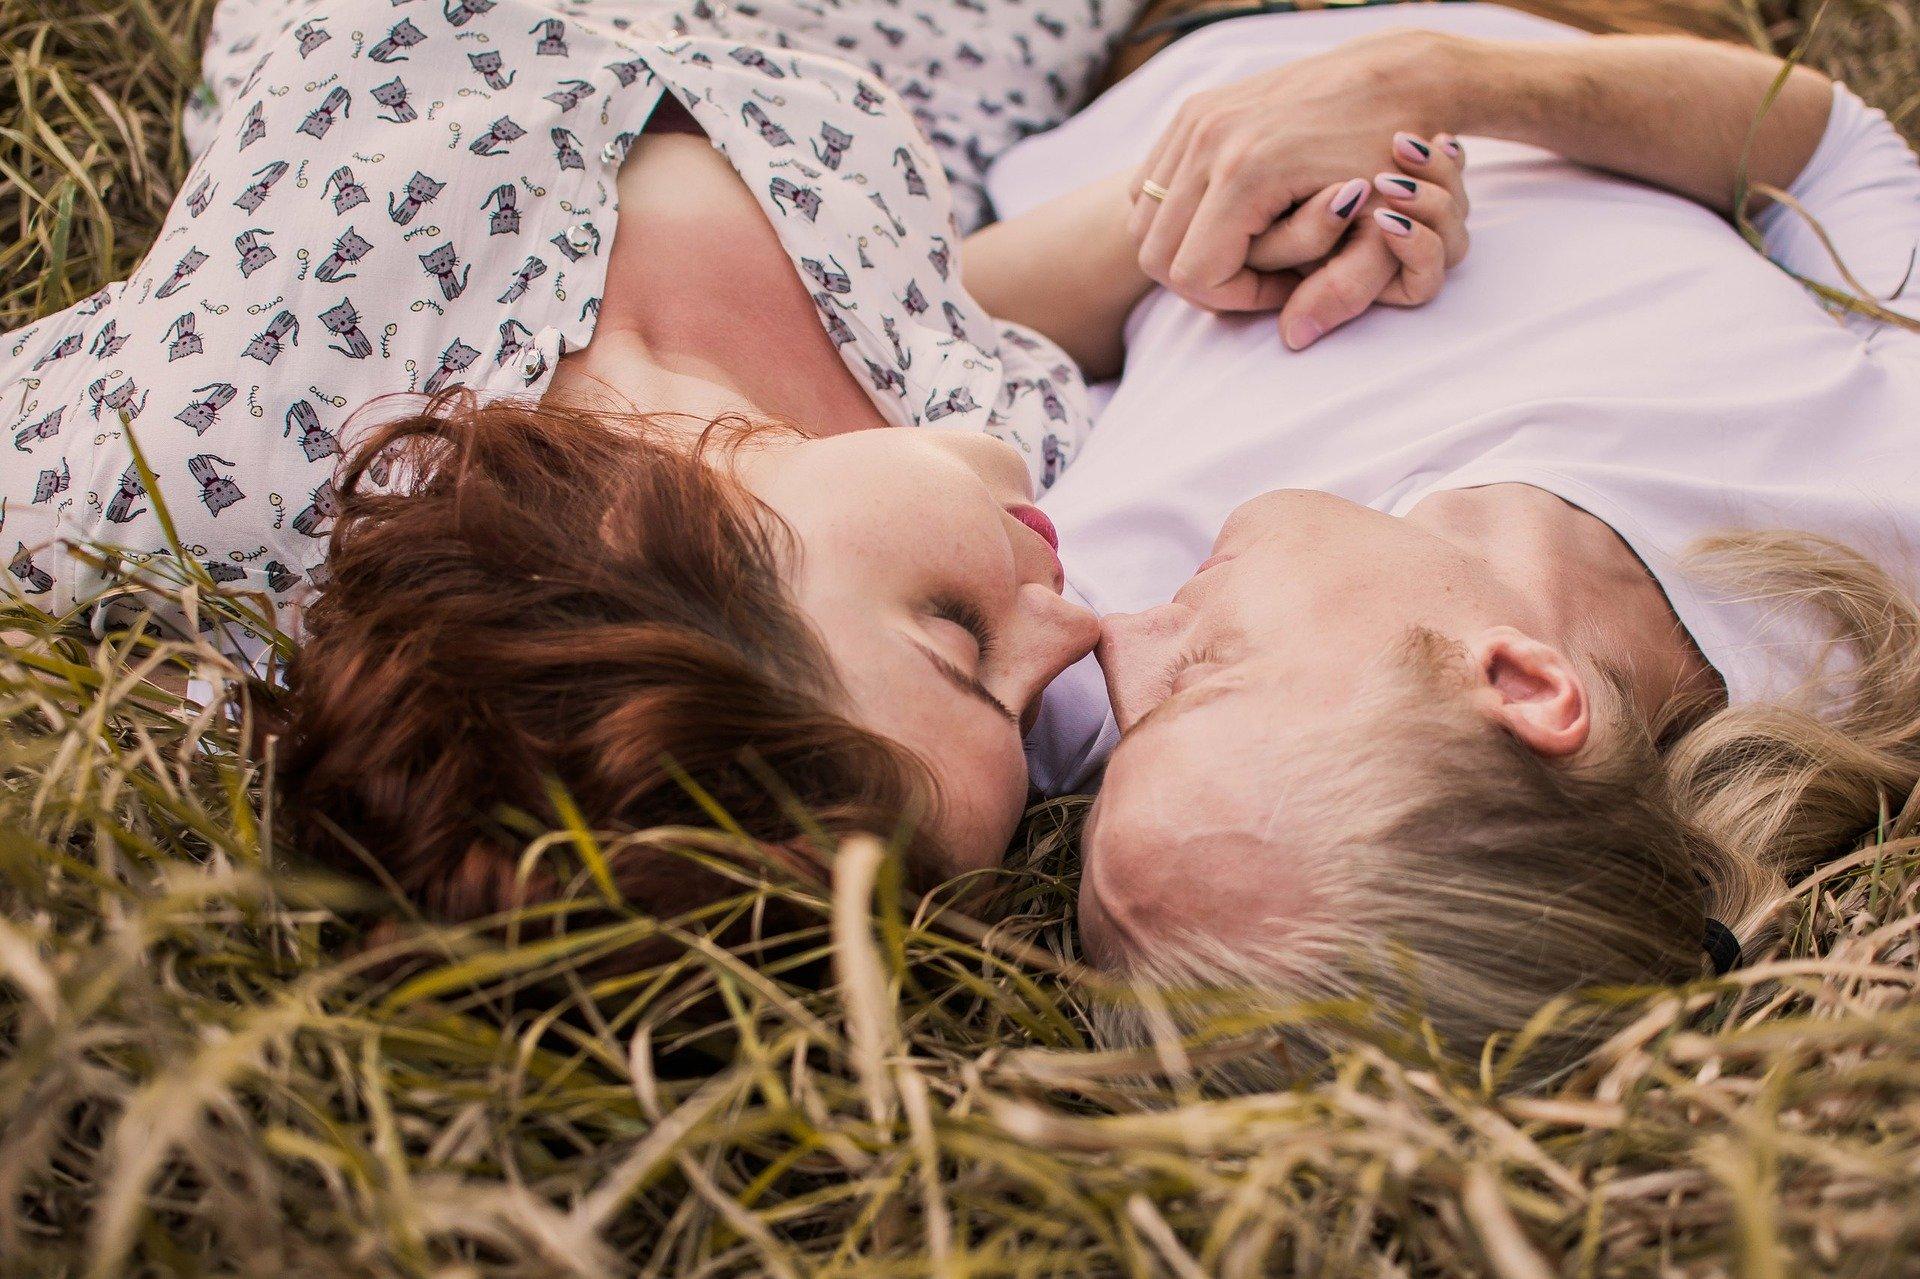 既婚男性が女性を下の名前で呼ぶ時の心理と既婚者の彼に告白して付き合うまで発展させる方法